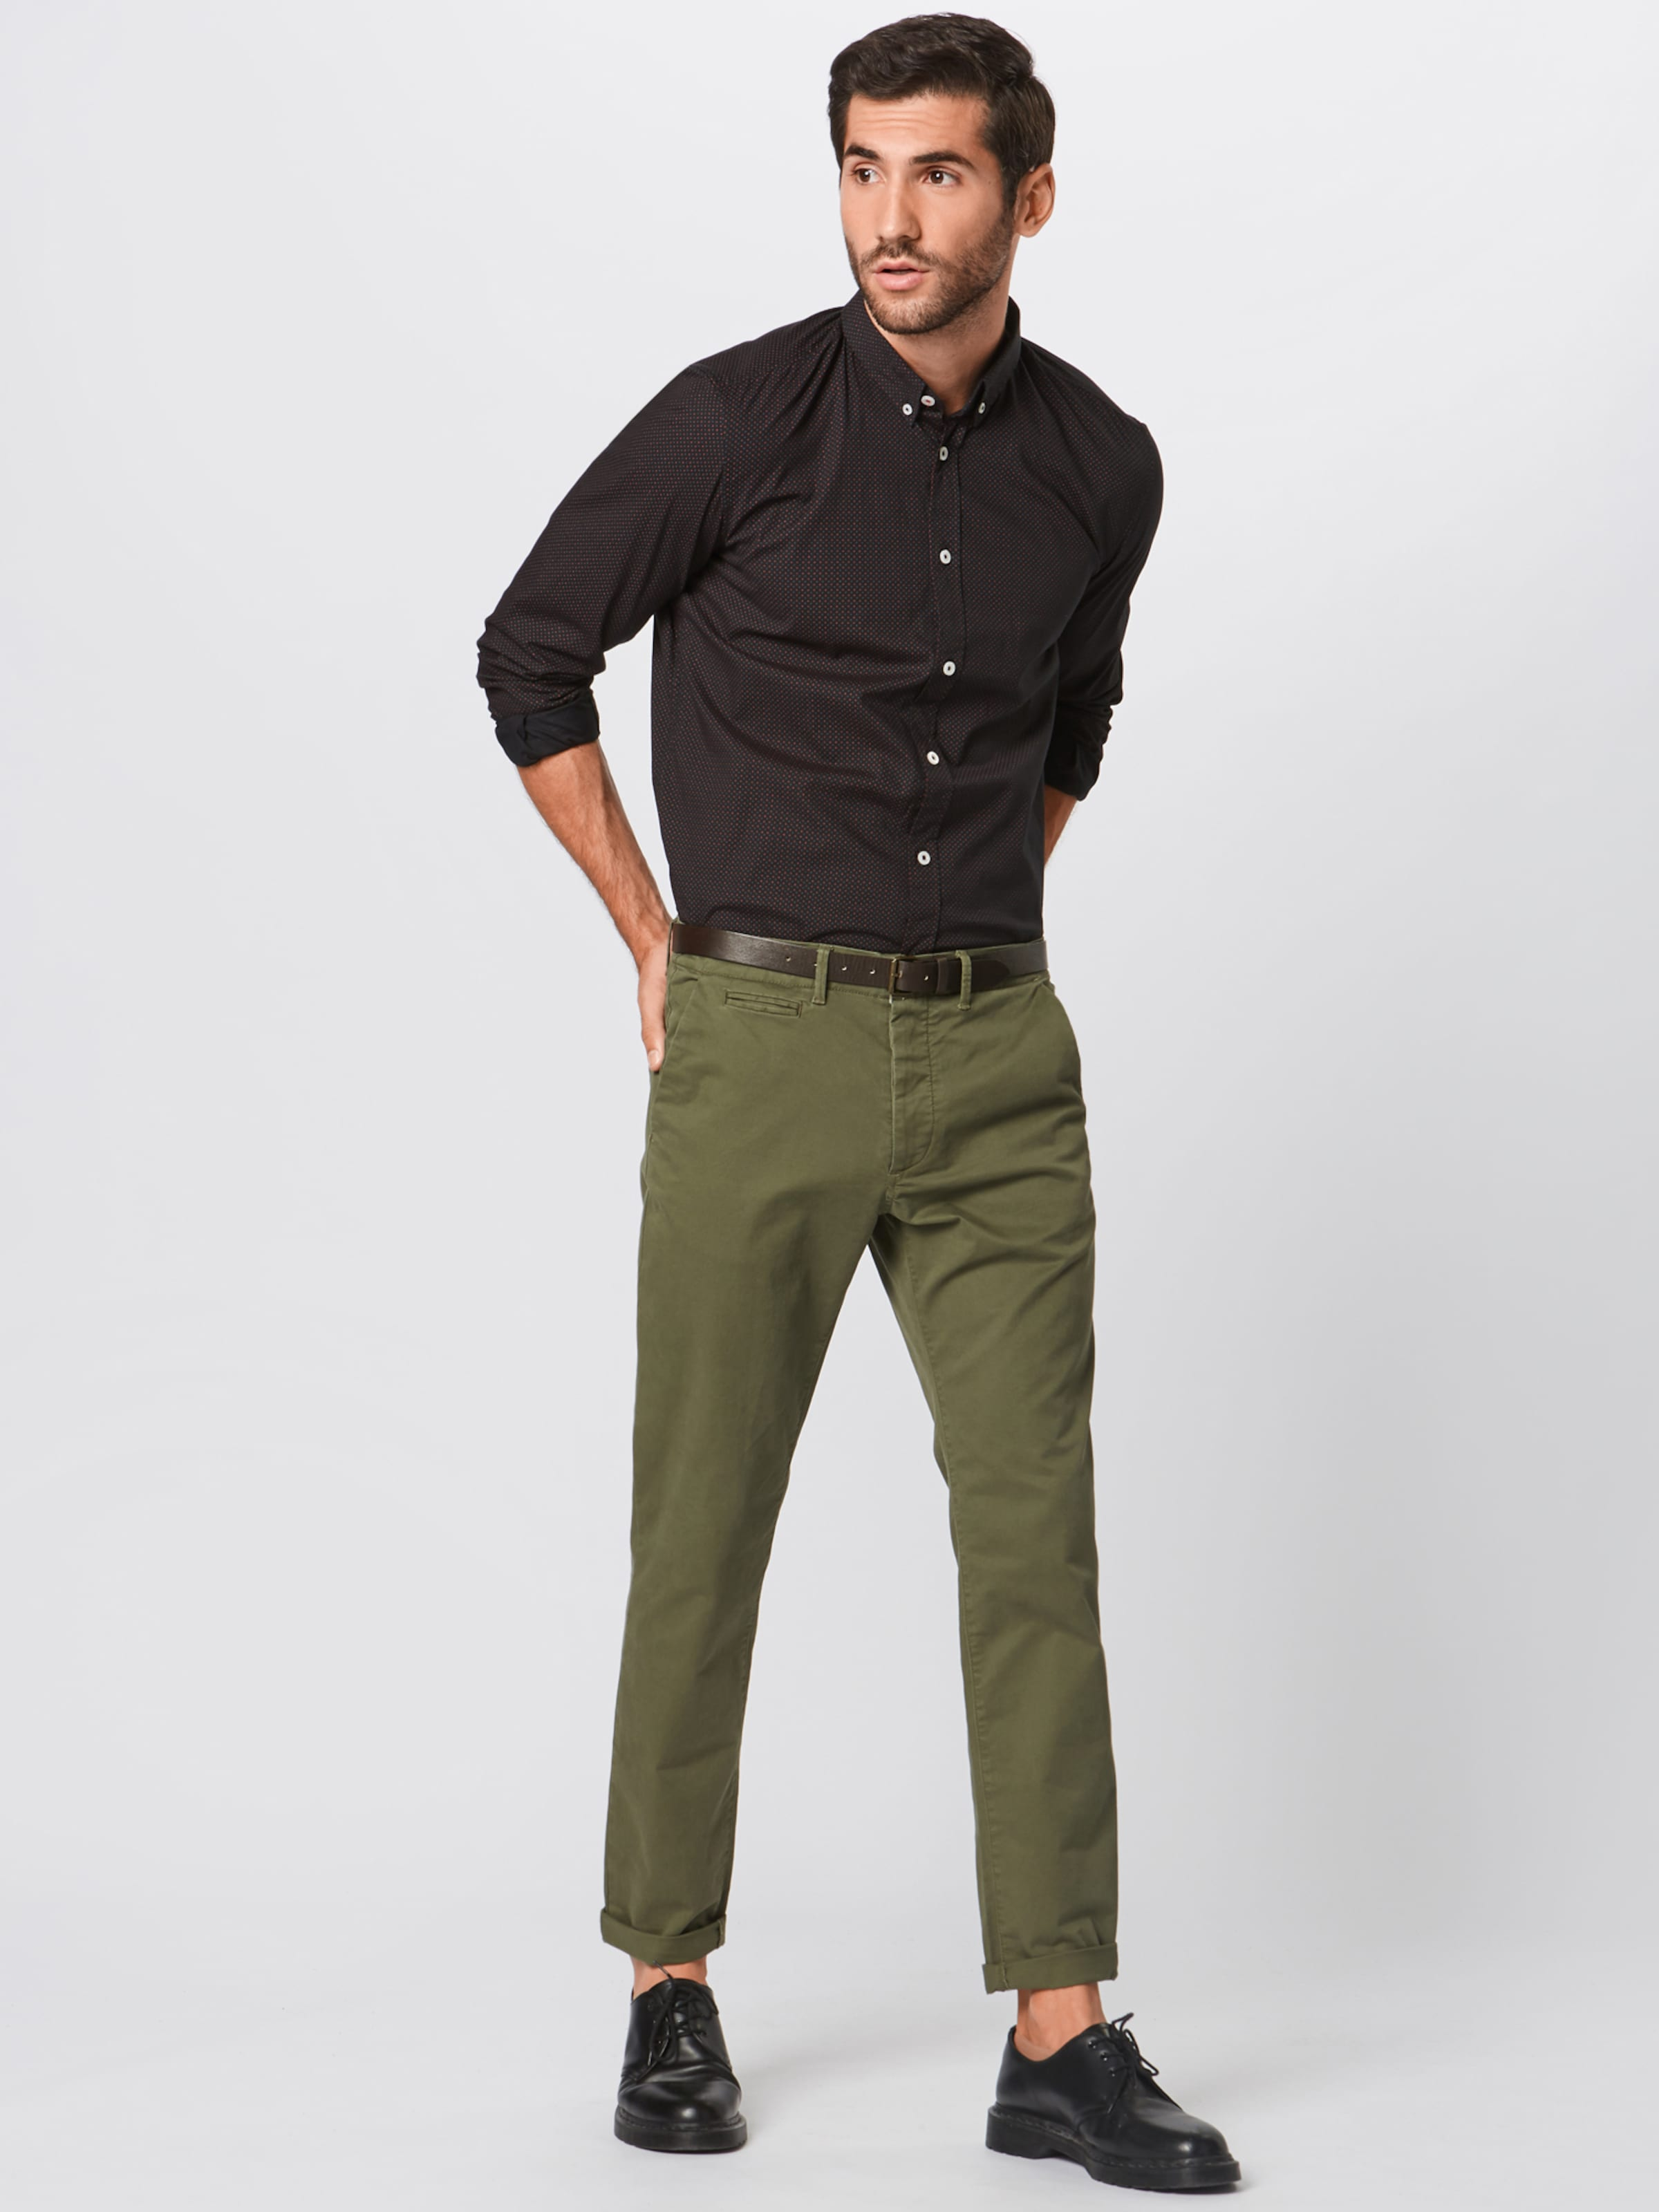 En RougeNoir Chemise Tom Tom Tailor Tailor iXZPuk